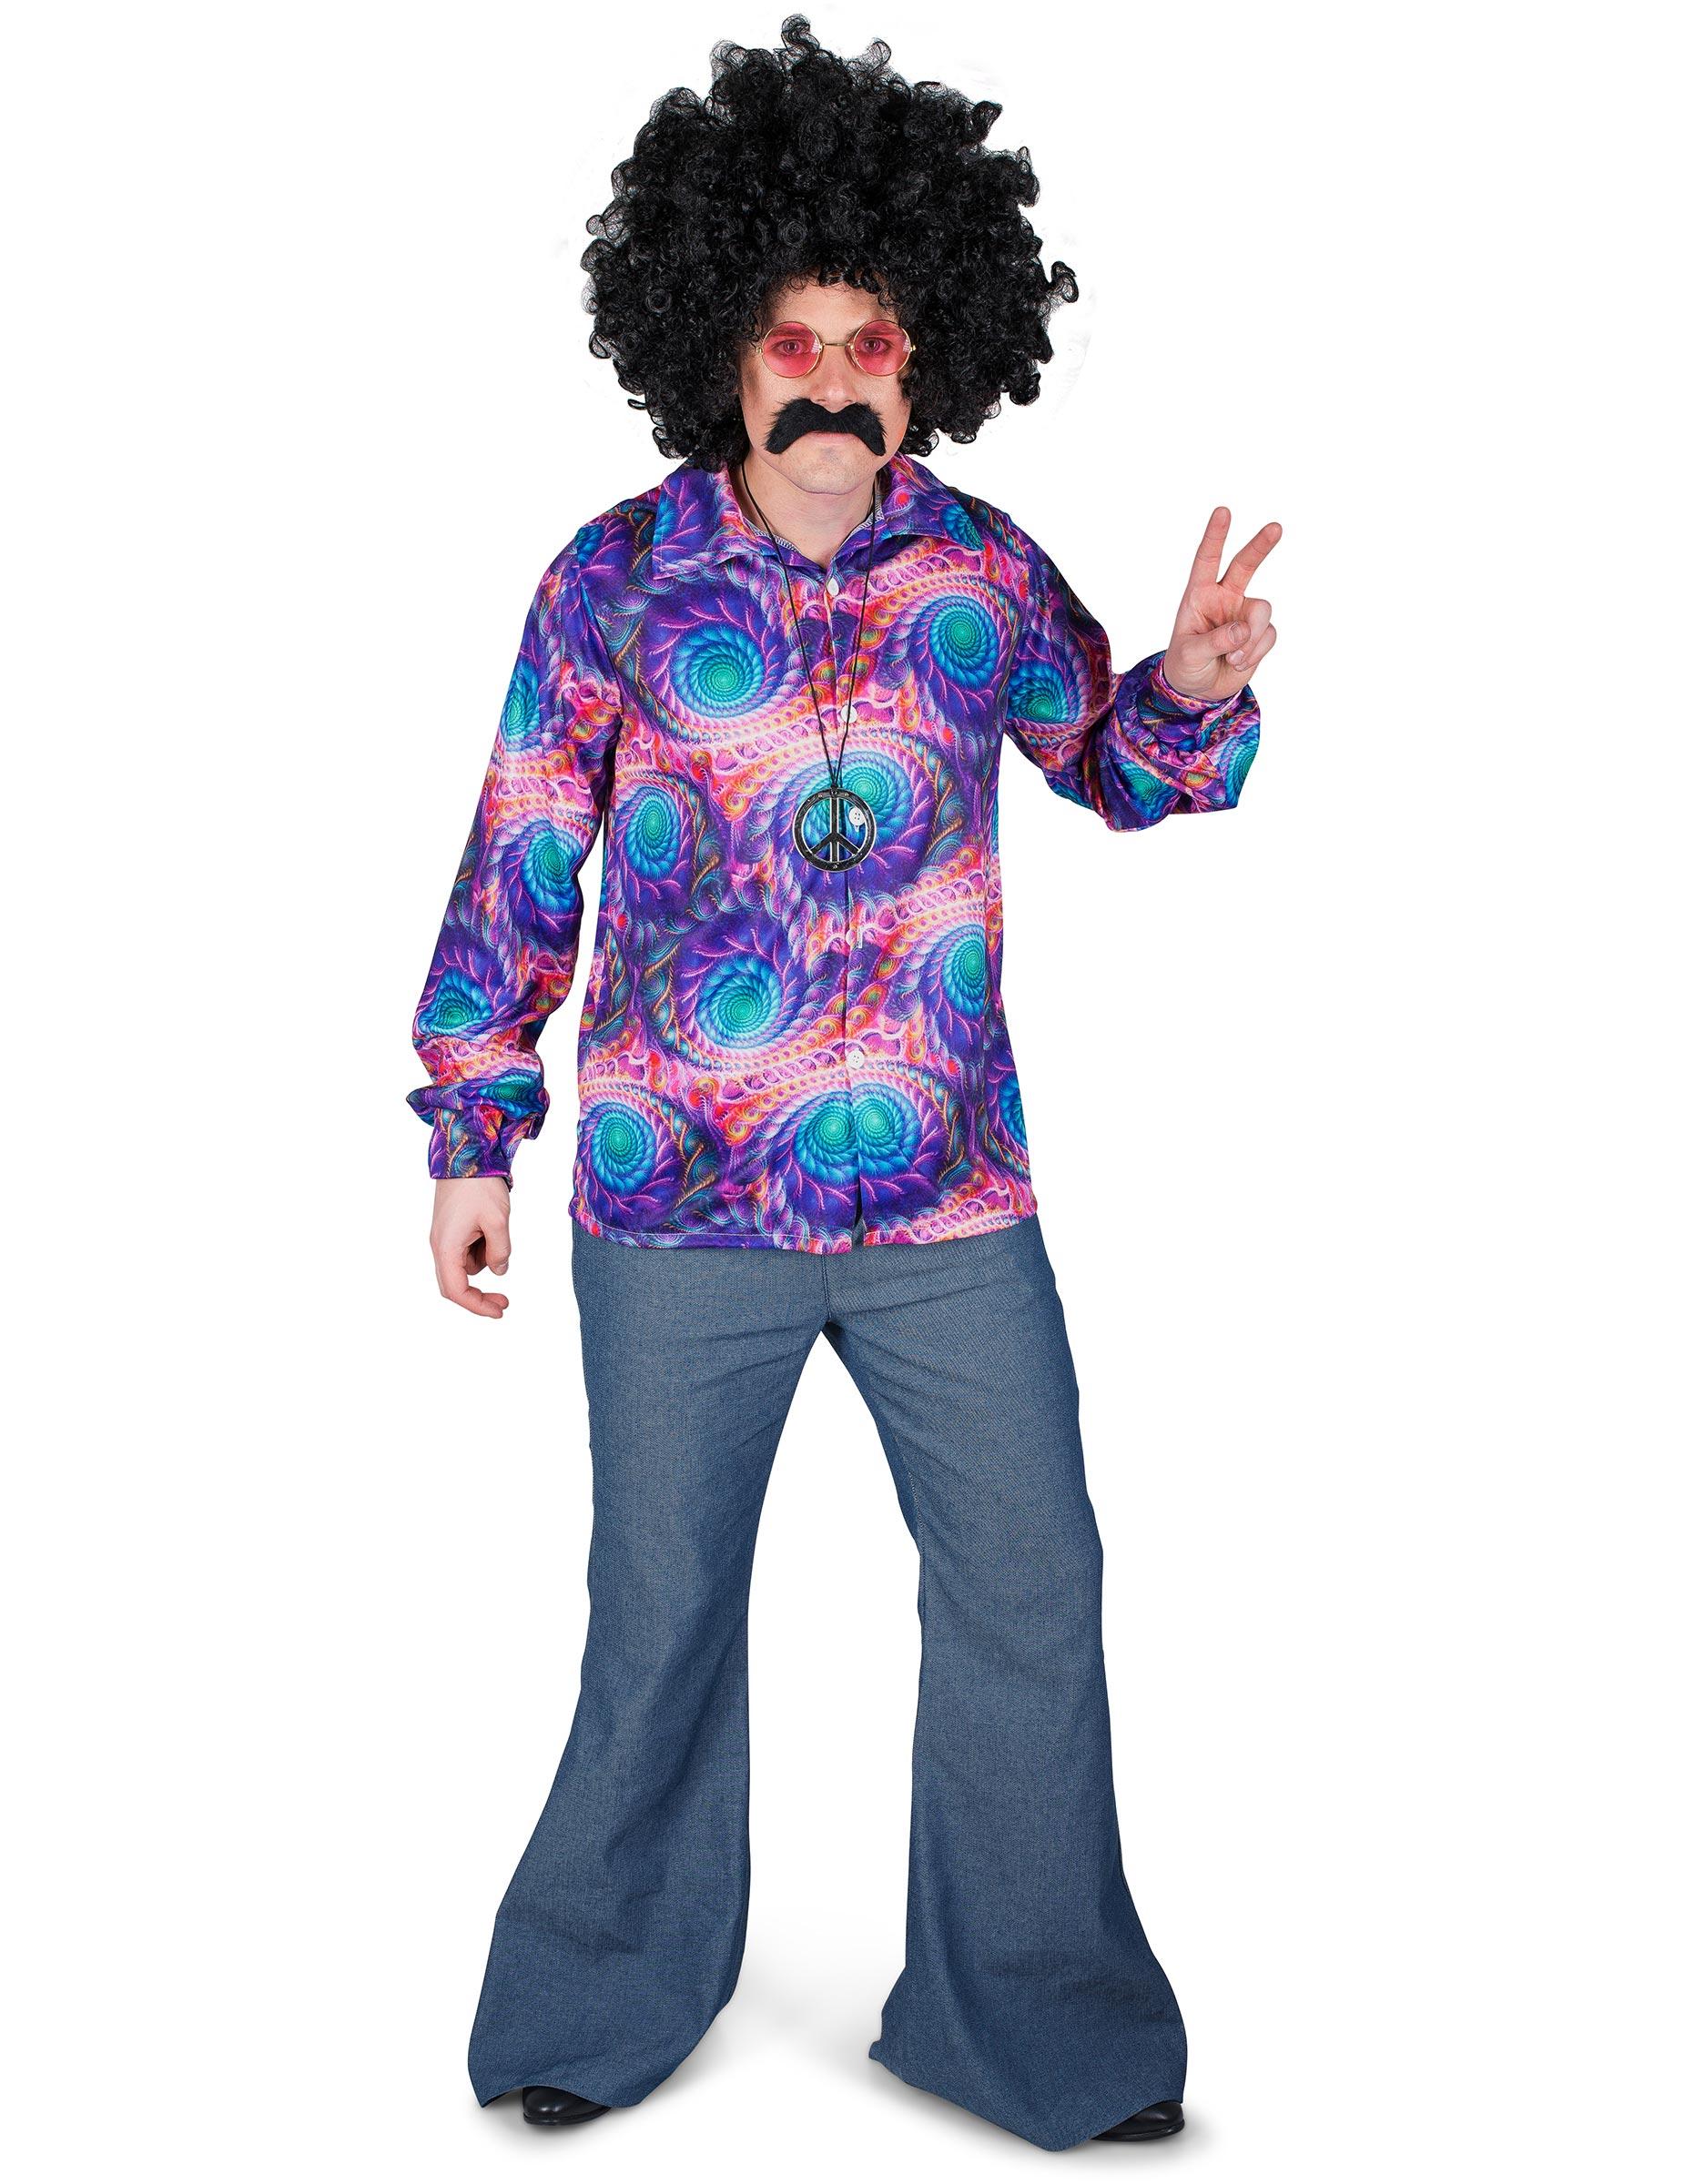 Disco Psicodélica Camisa Camisa Hombre Camisa Psicodélica Disco Hombre Camisa Hombre Psicodélica Disco USVpzM